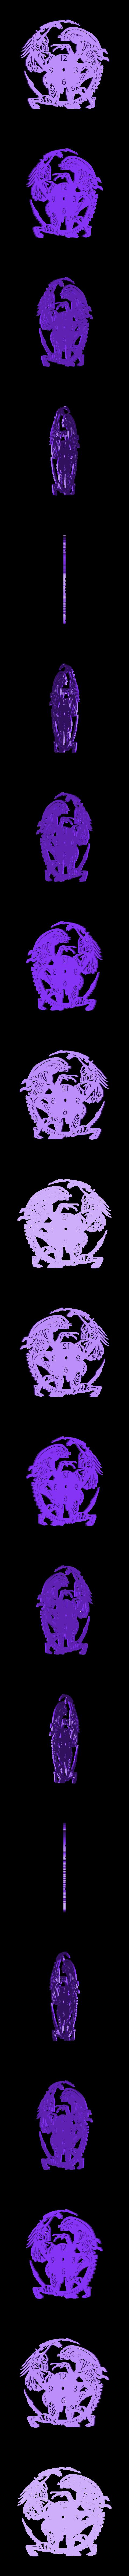 Magnificent_Robo1.stl Download free STL file Reloj Alien vs. Predator • 3D print design, 3dlito